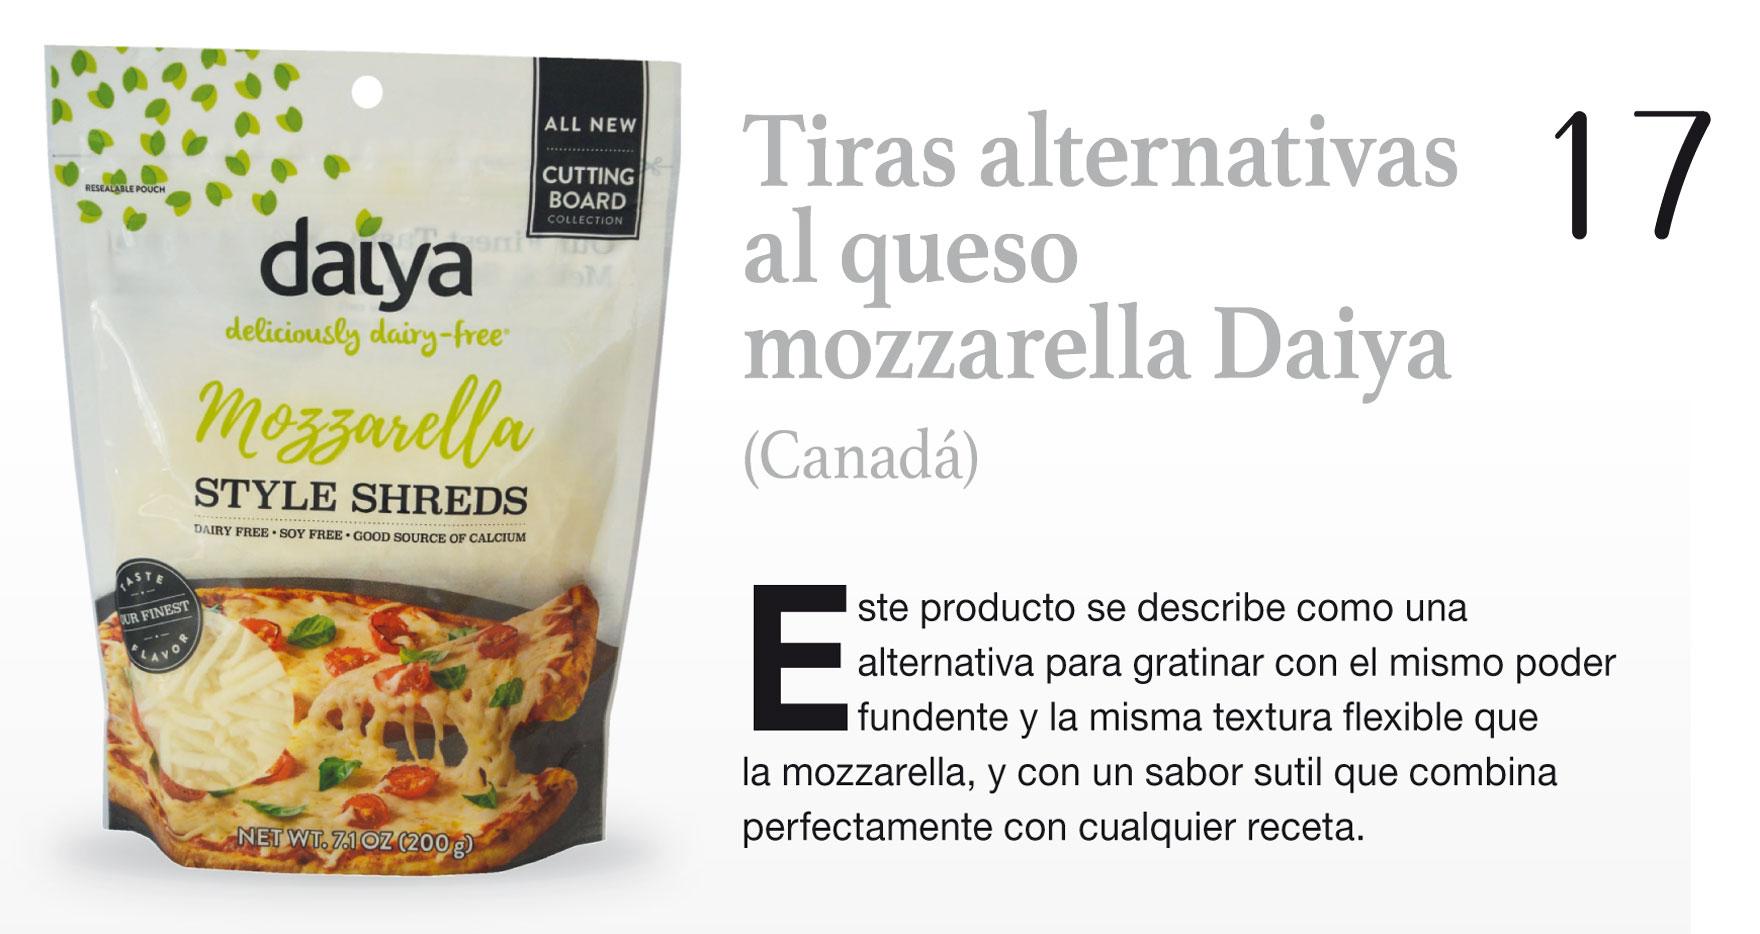 Tiras alternativas al queso mozzarella Daiya (Canadá)